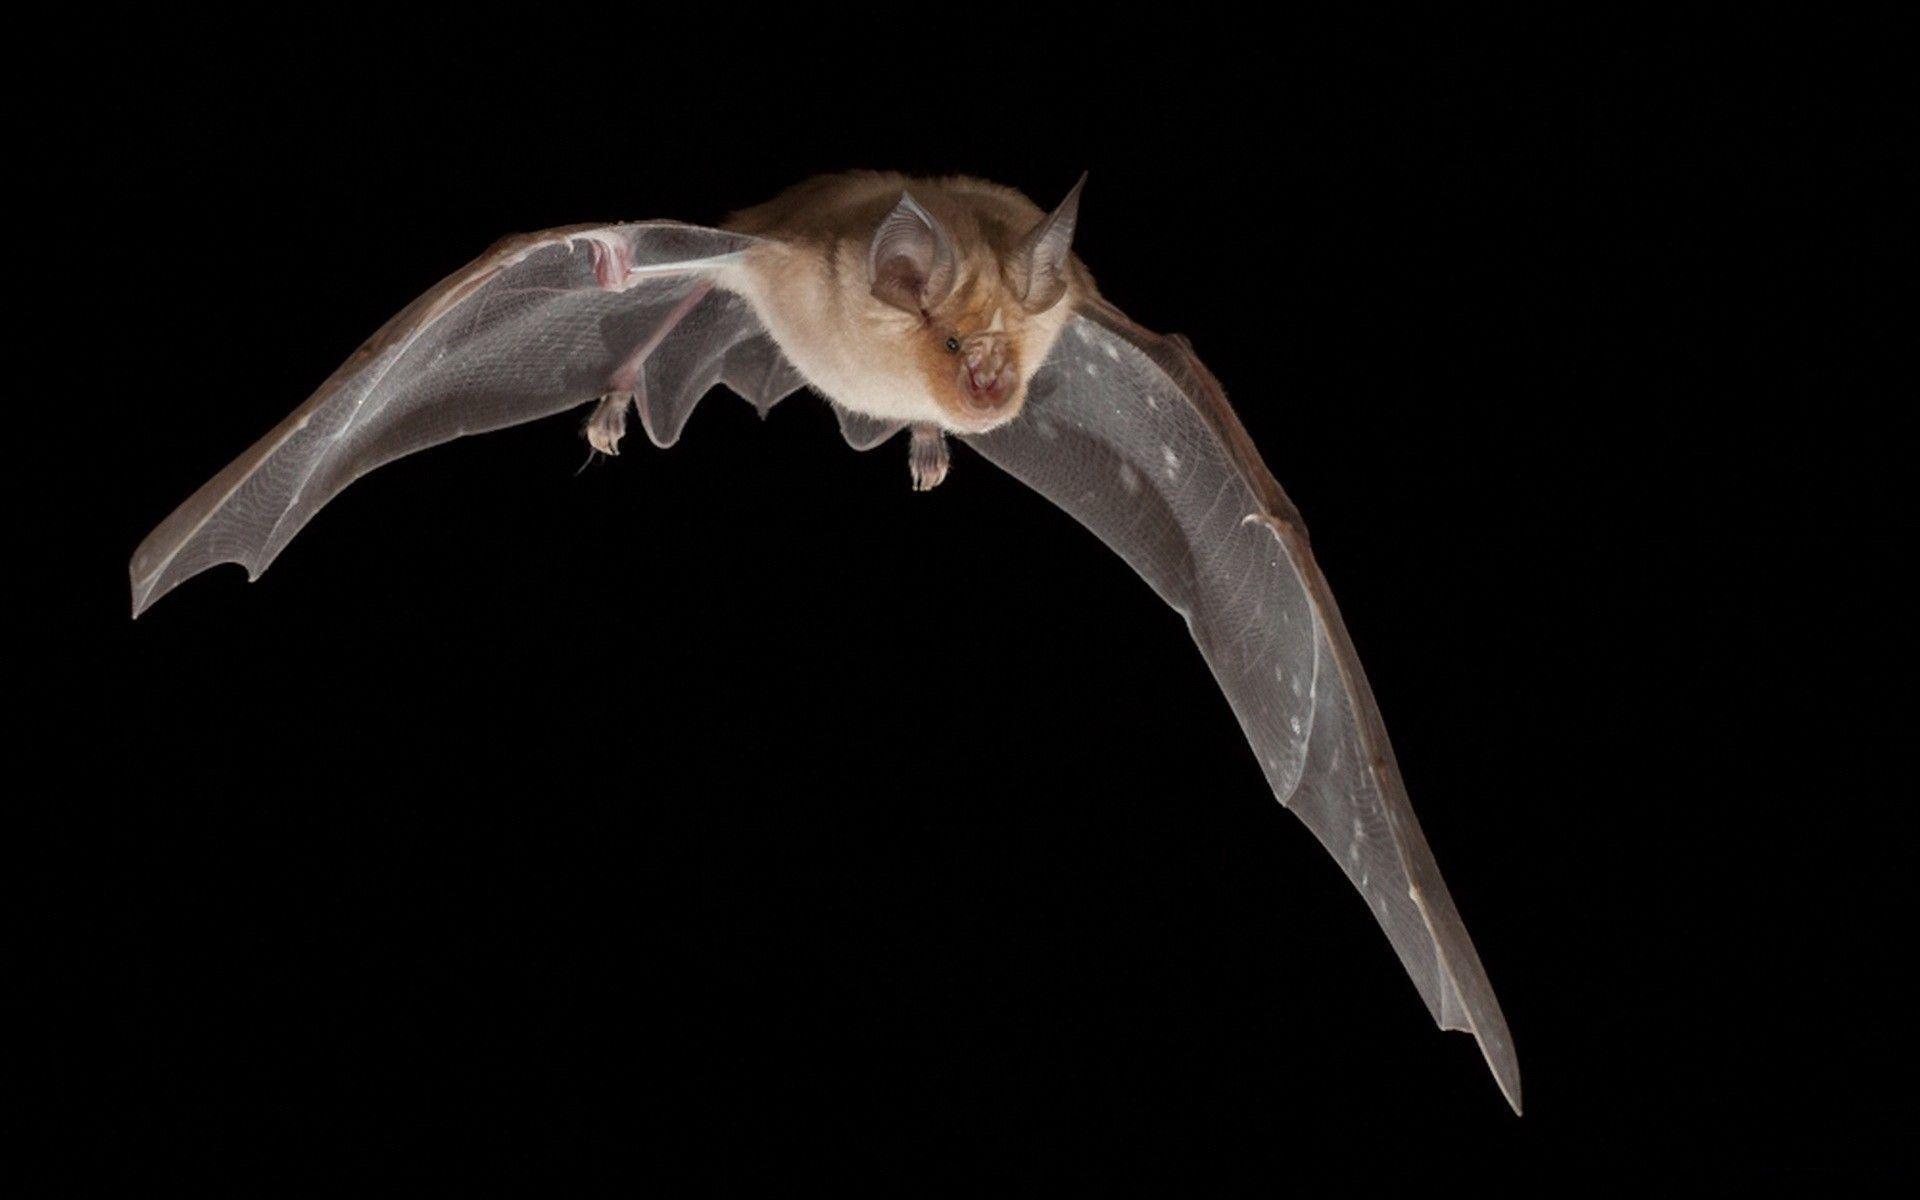 bat cave decal wallpaper - photo #33